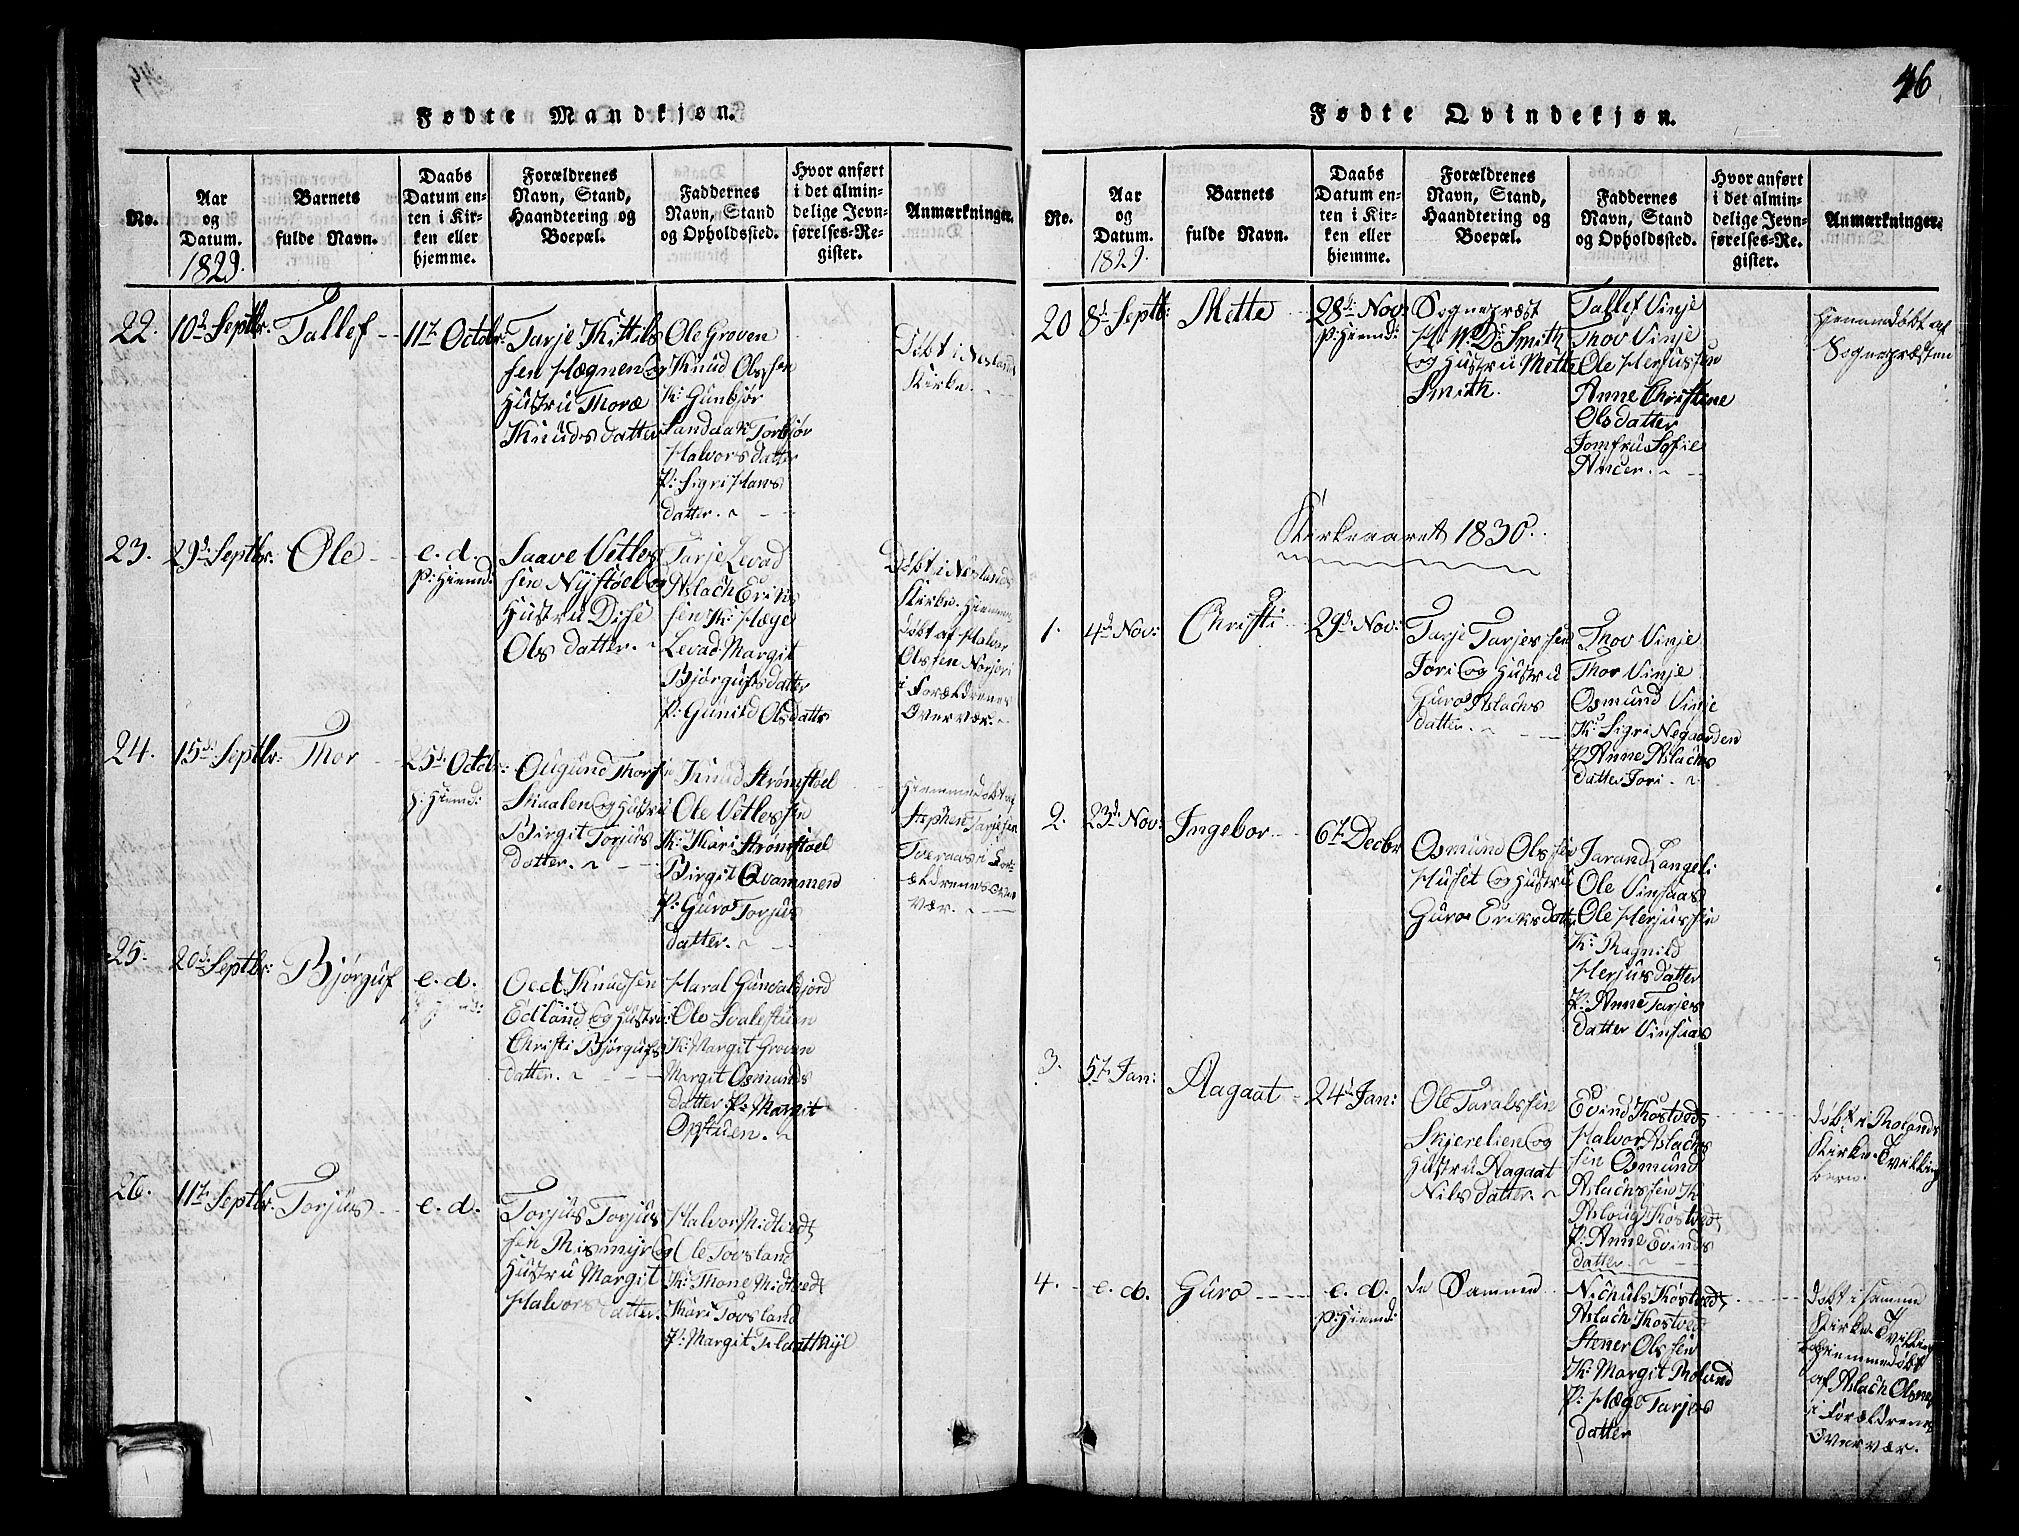 SAKO, Vinje kirkebøker, G/Ga/L0001: Klokkerbok nr. I 1, 1814-1843, s. 46